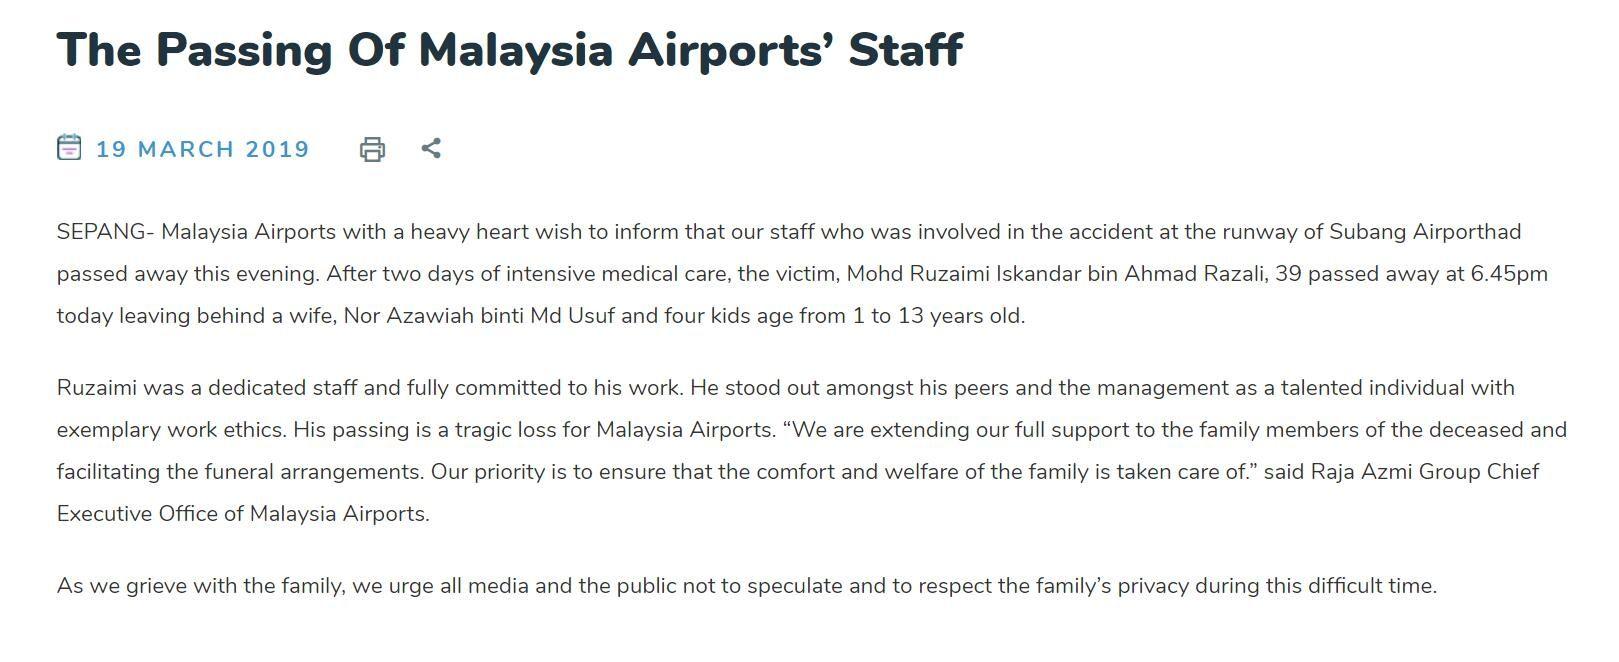 马来西亚机场公司19日公告